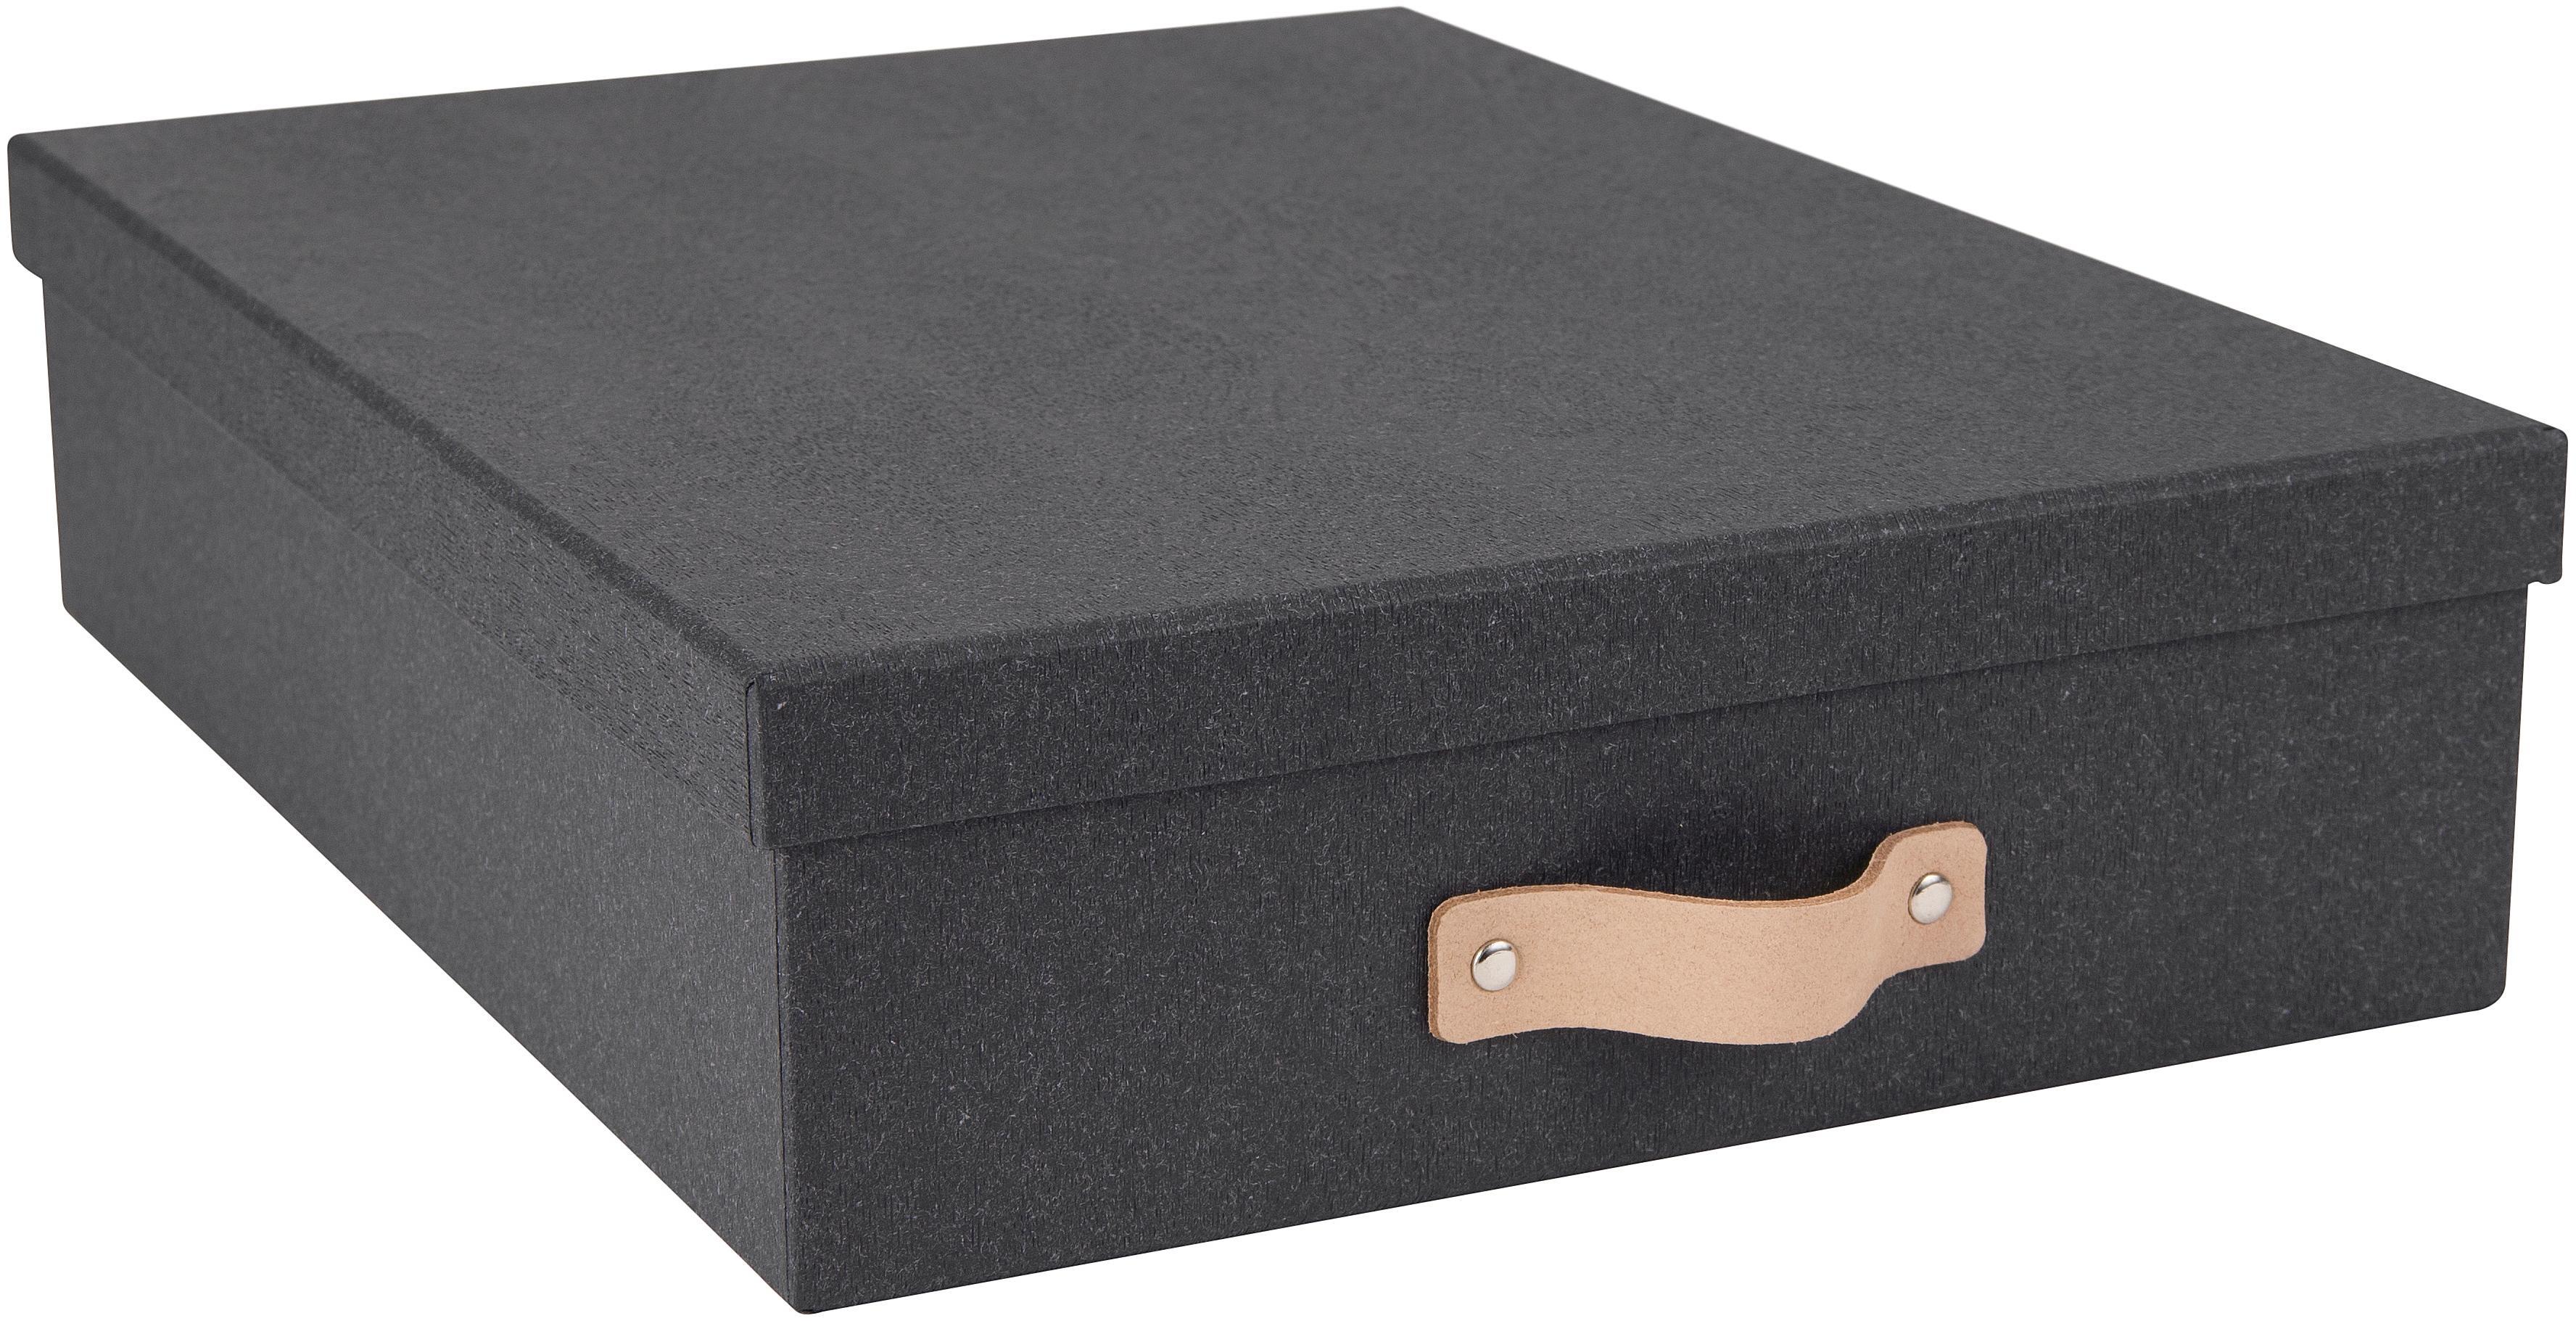 Pudełko do przechowywania Oskar II, Organizer na zewnątrz: czarny Organizer wewnątrz: czarny Uchwyt: beżowy, S 26 x W 9 cm